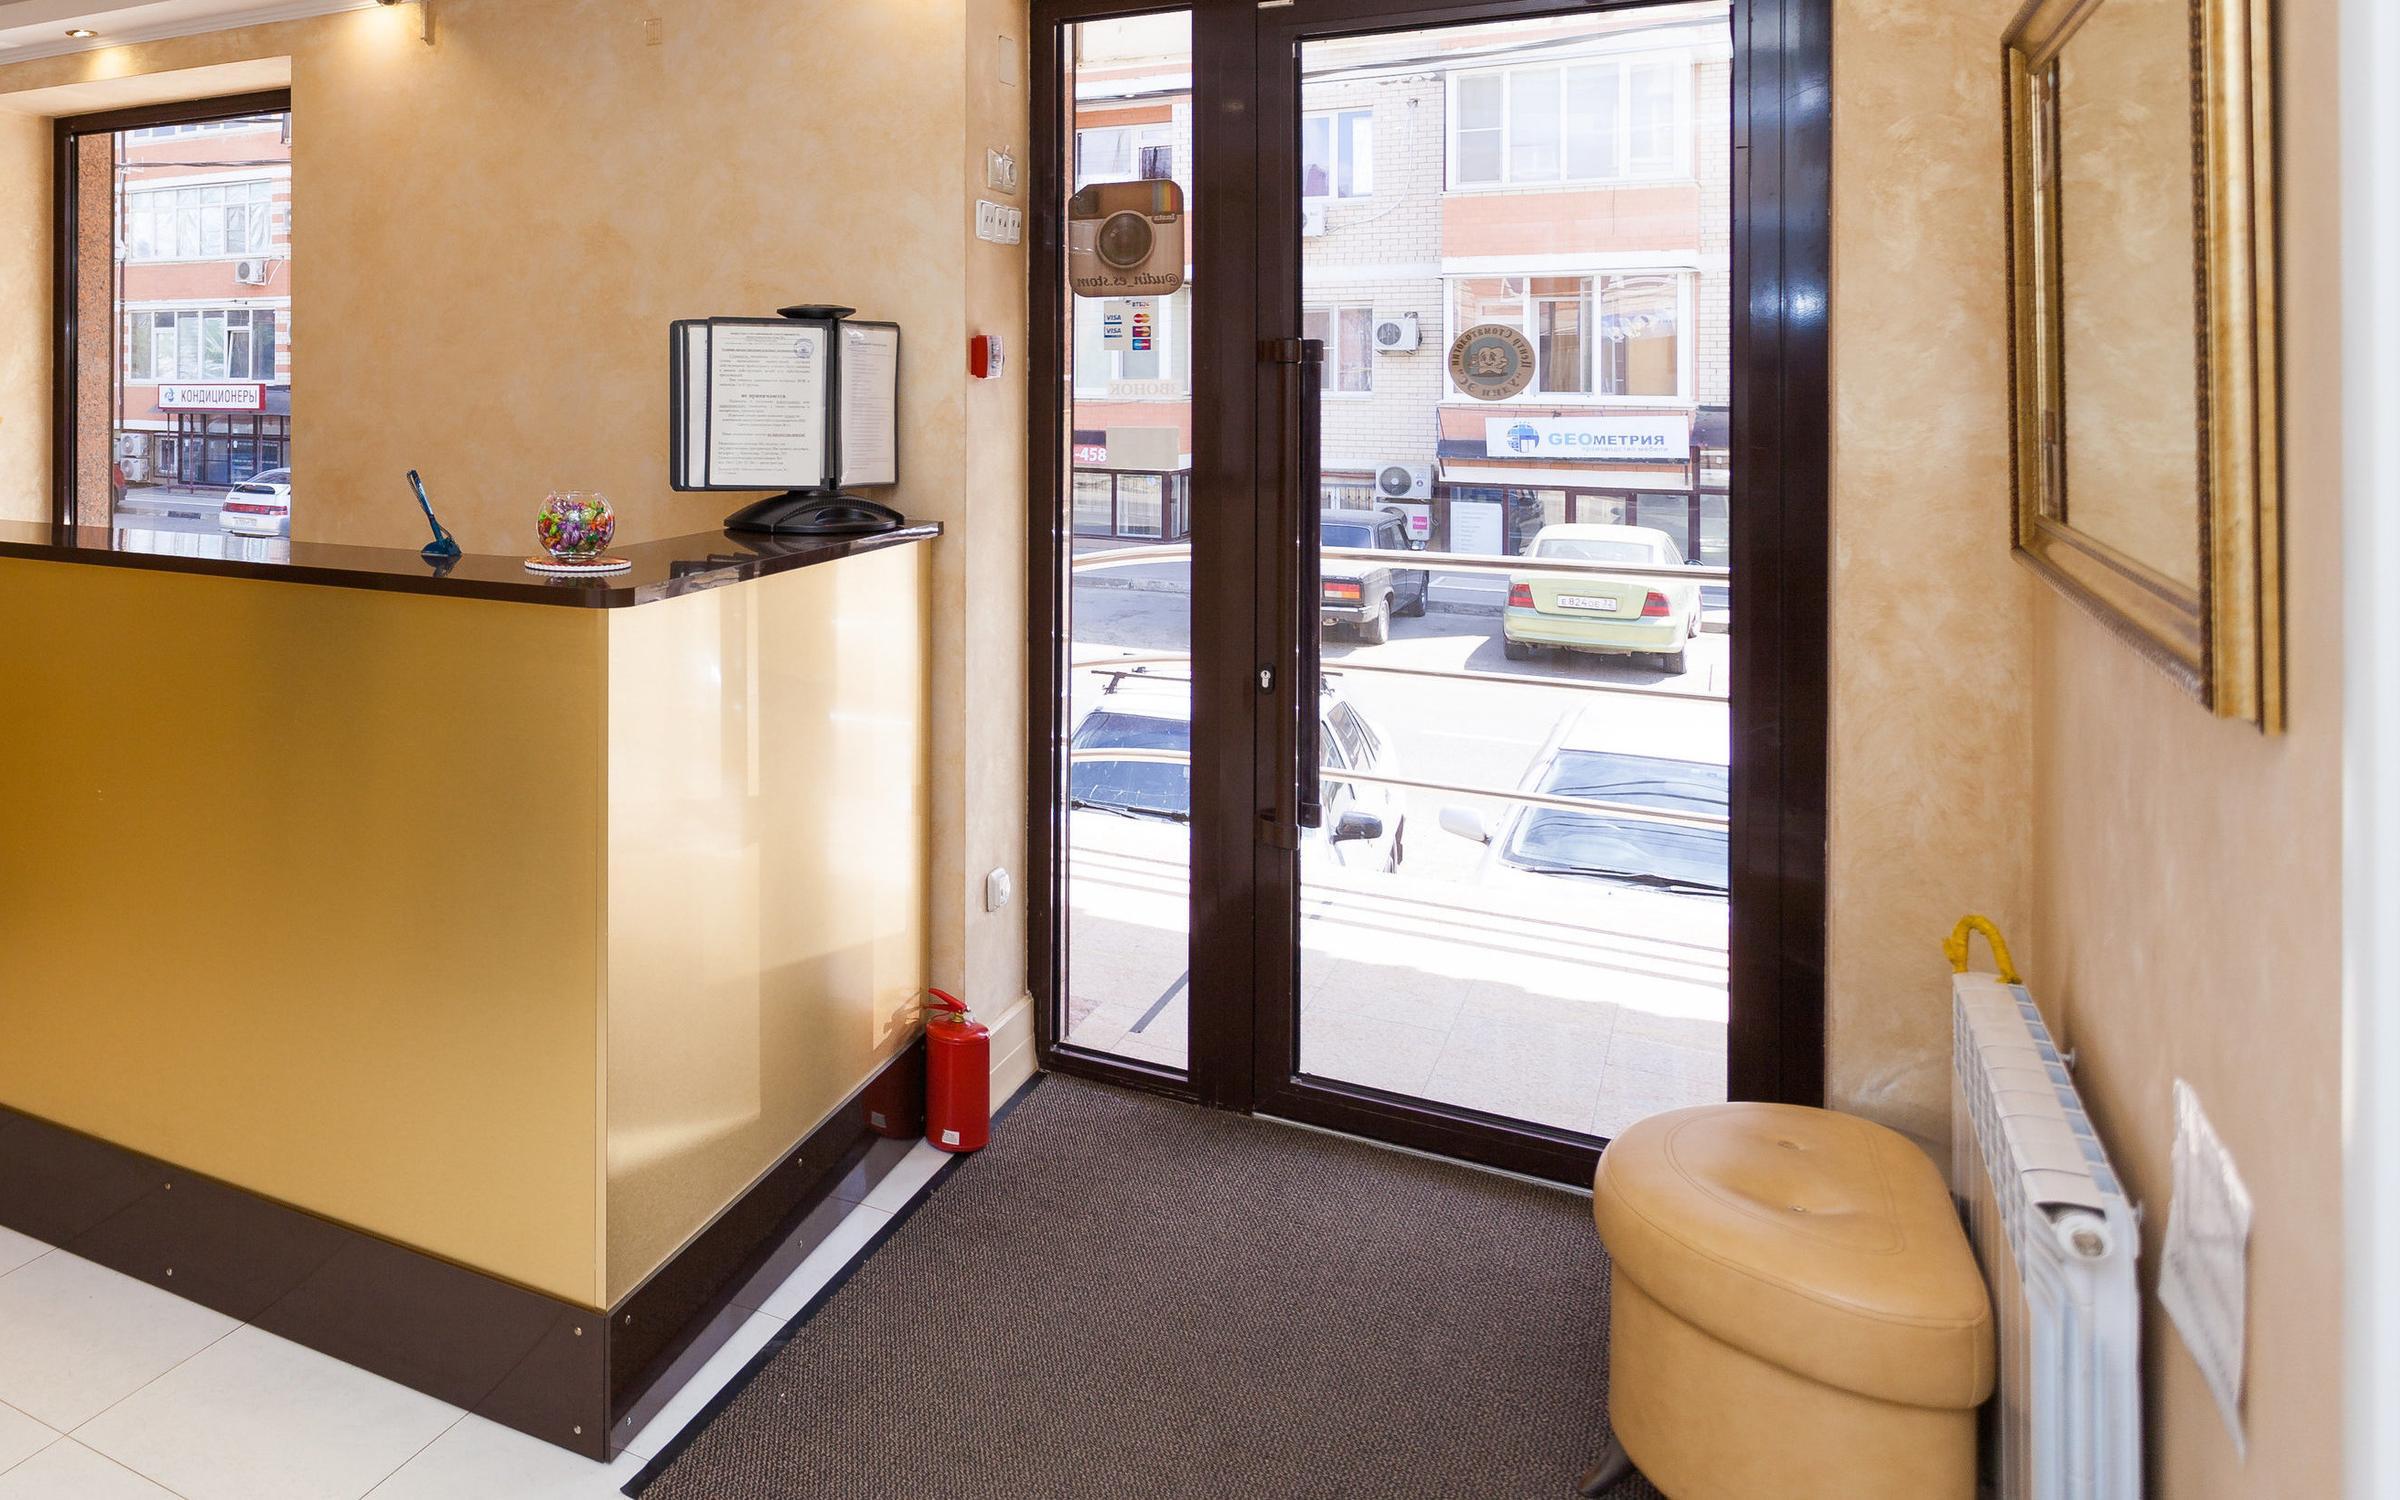 фотография Стоматологического центра Удин ЭС на улице 1 Мая